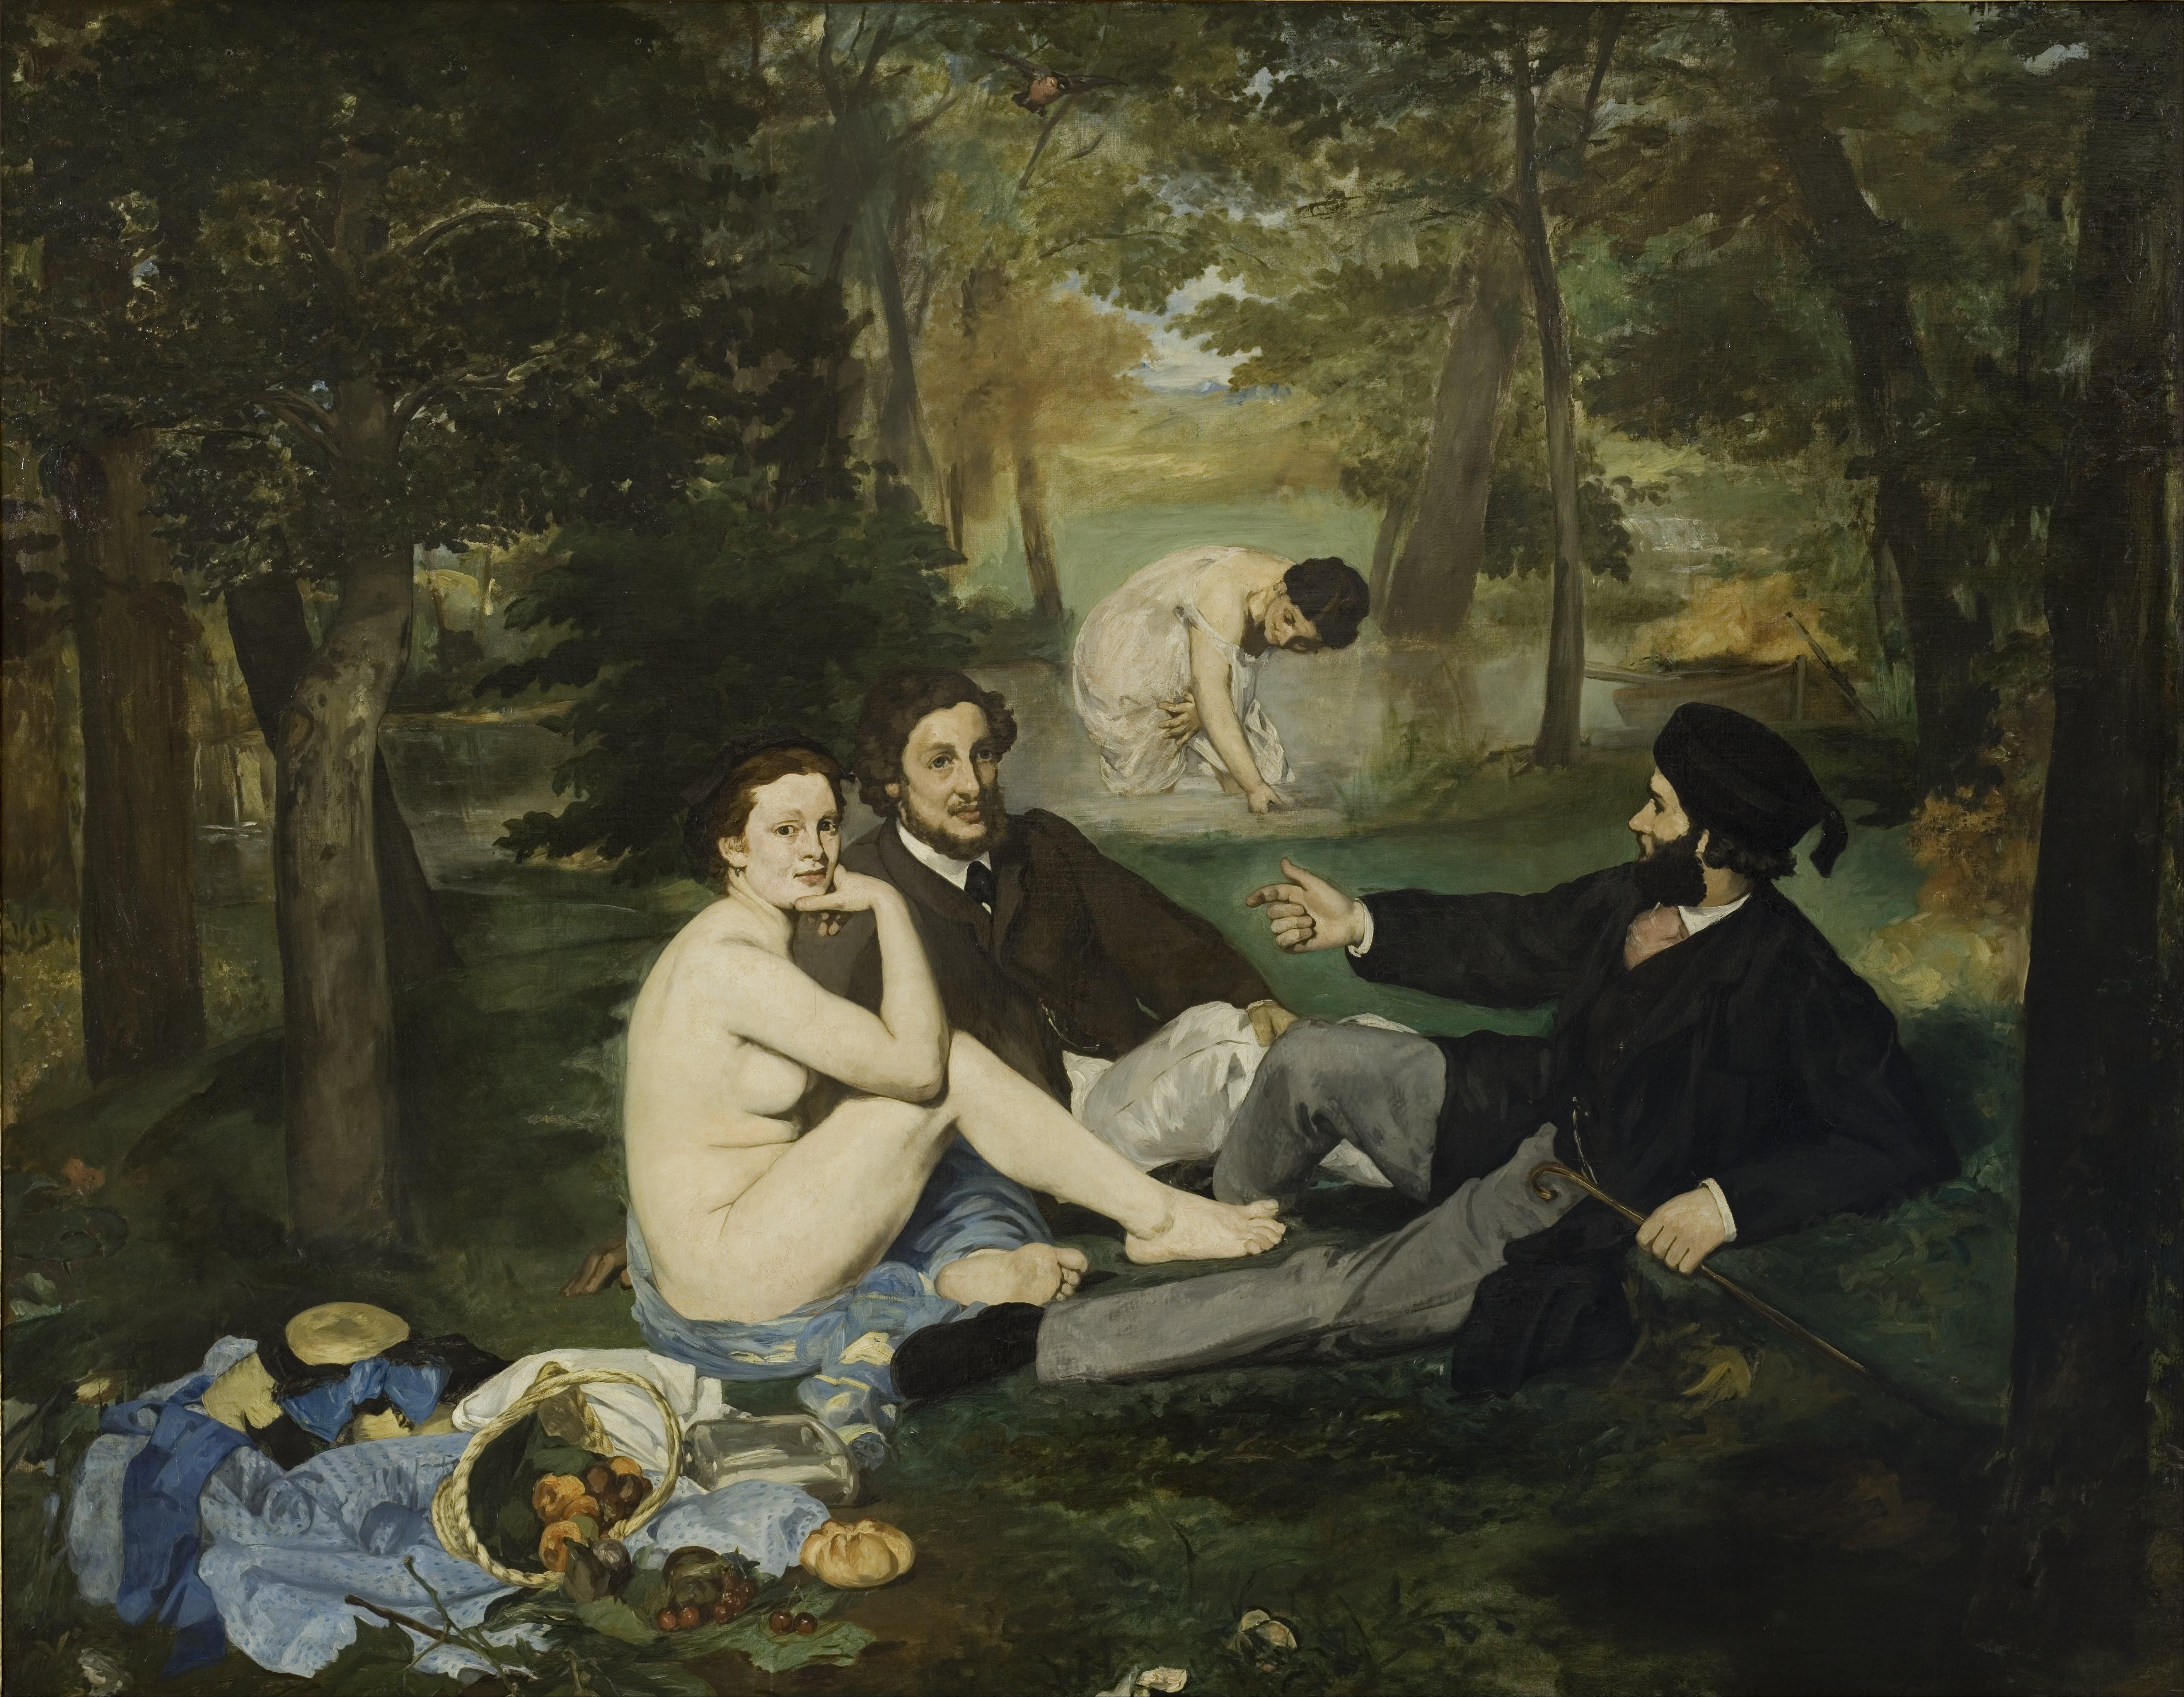 Edouard Manet, 1832-1883. Завтрак на траве. 1862-1863. 208 x 265.5 см. Париж, Музей Орсе